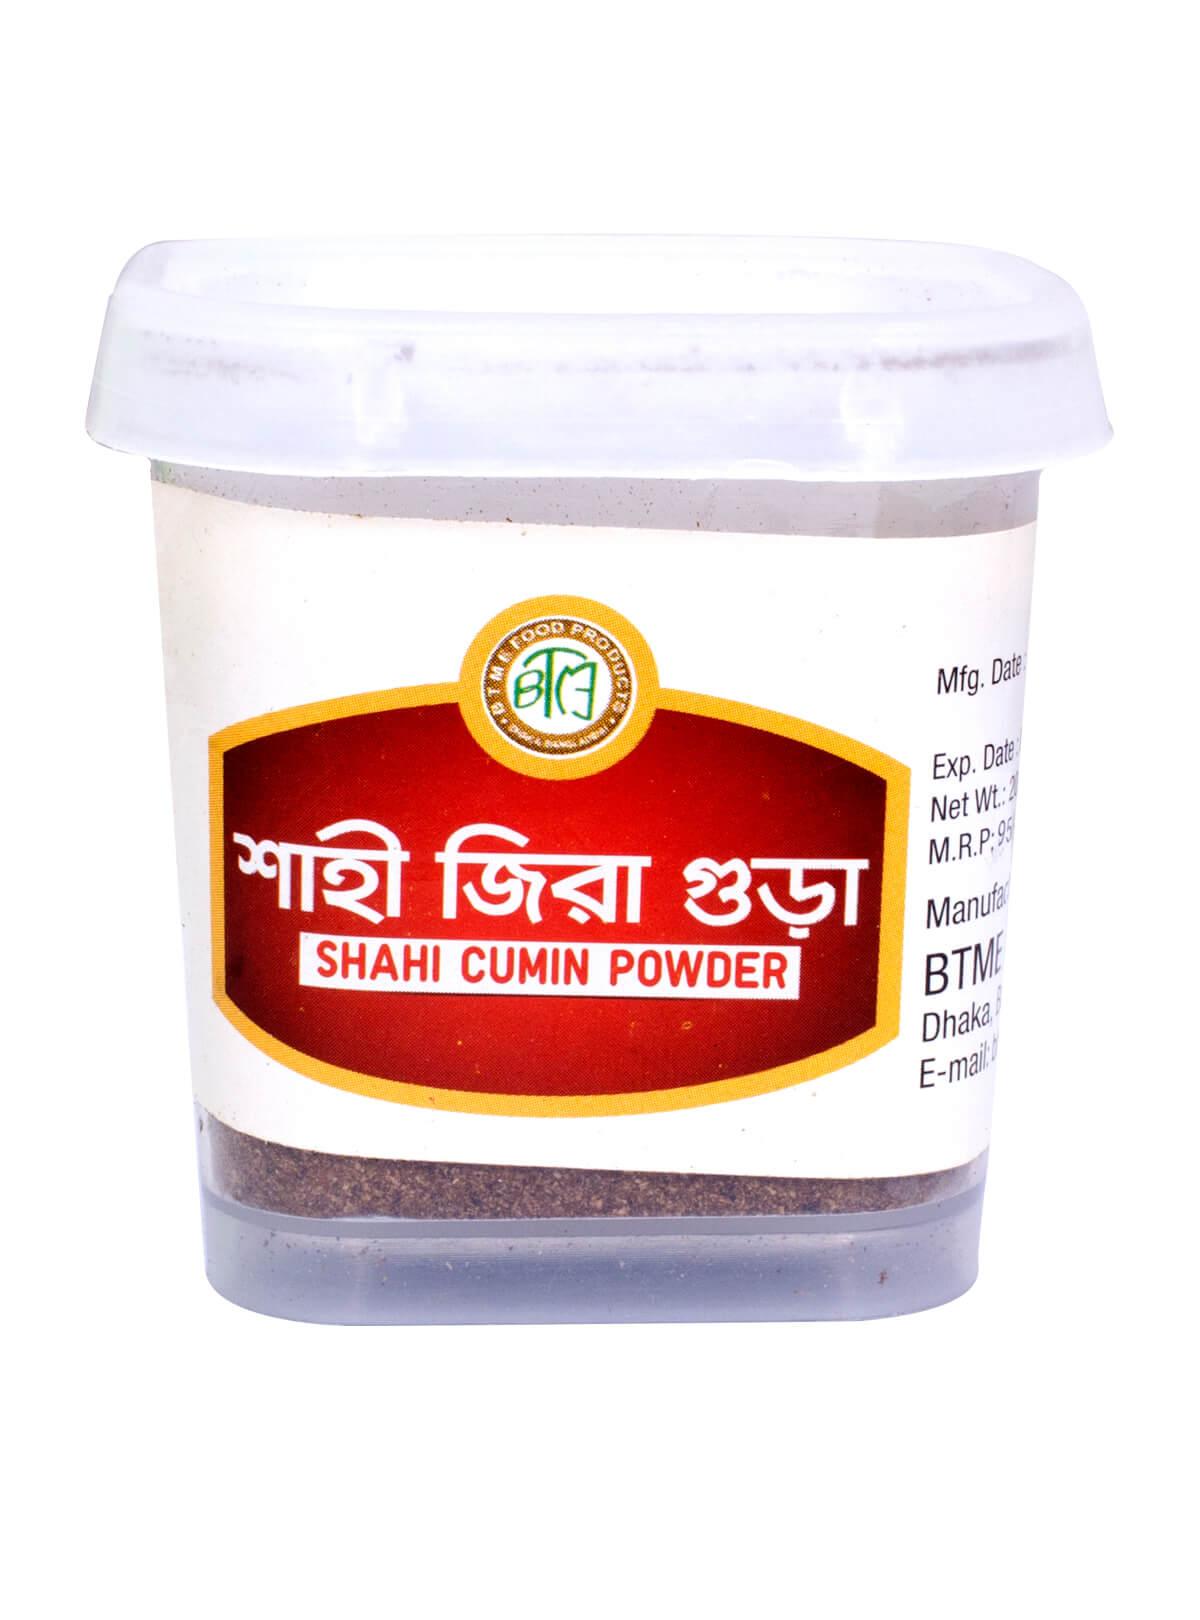 Shahi Cumin Powder 20 gm